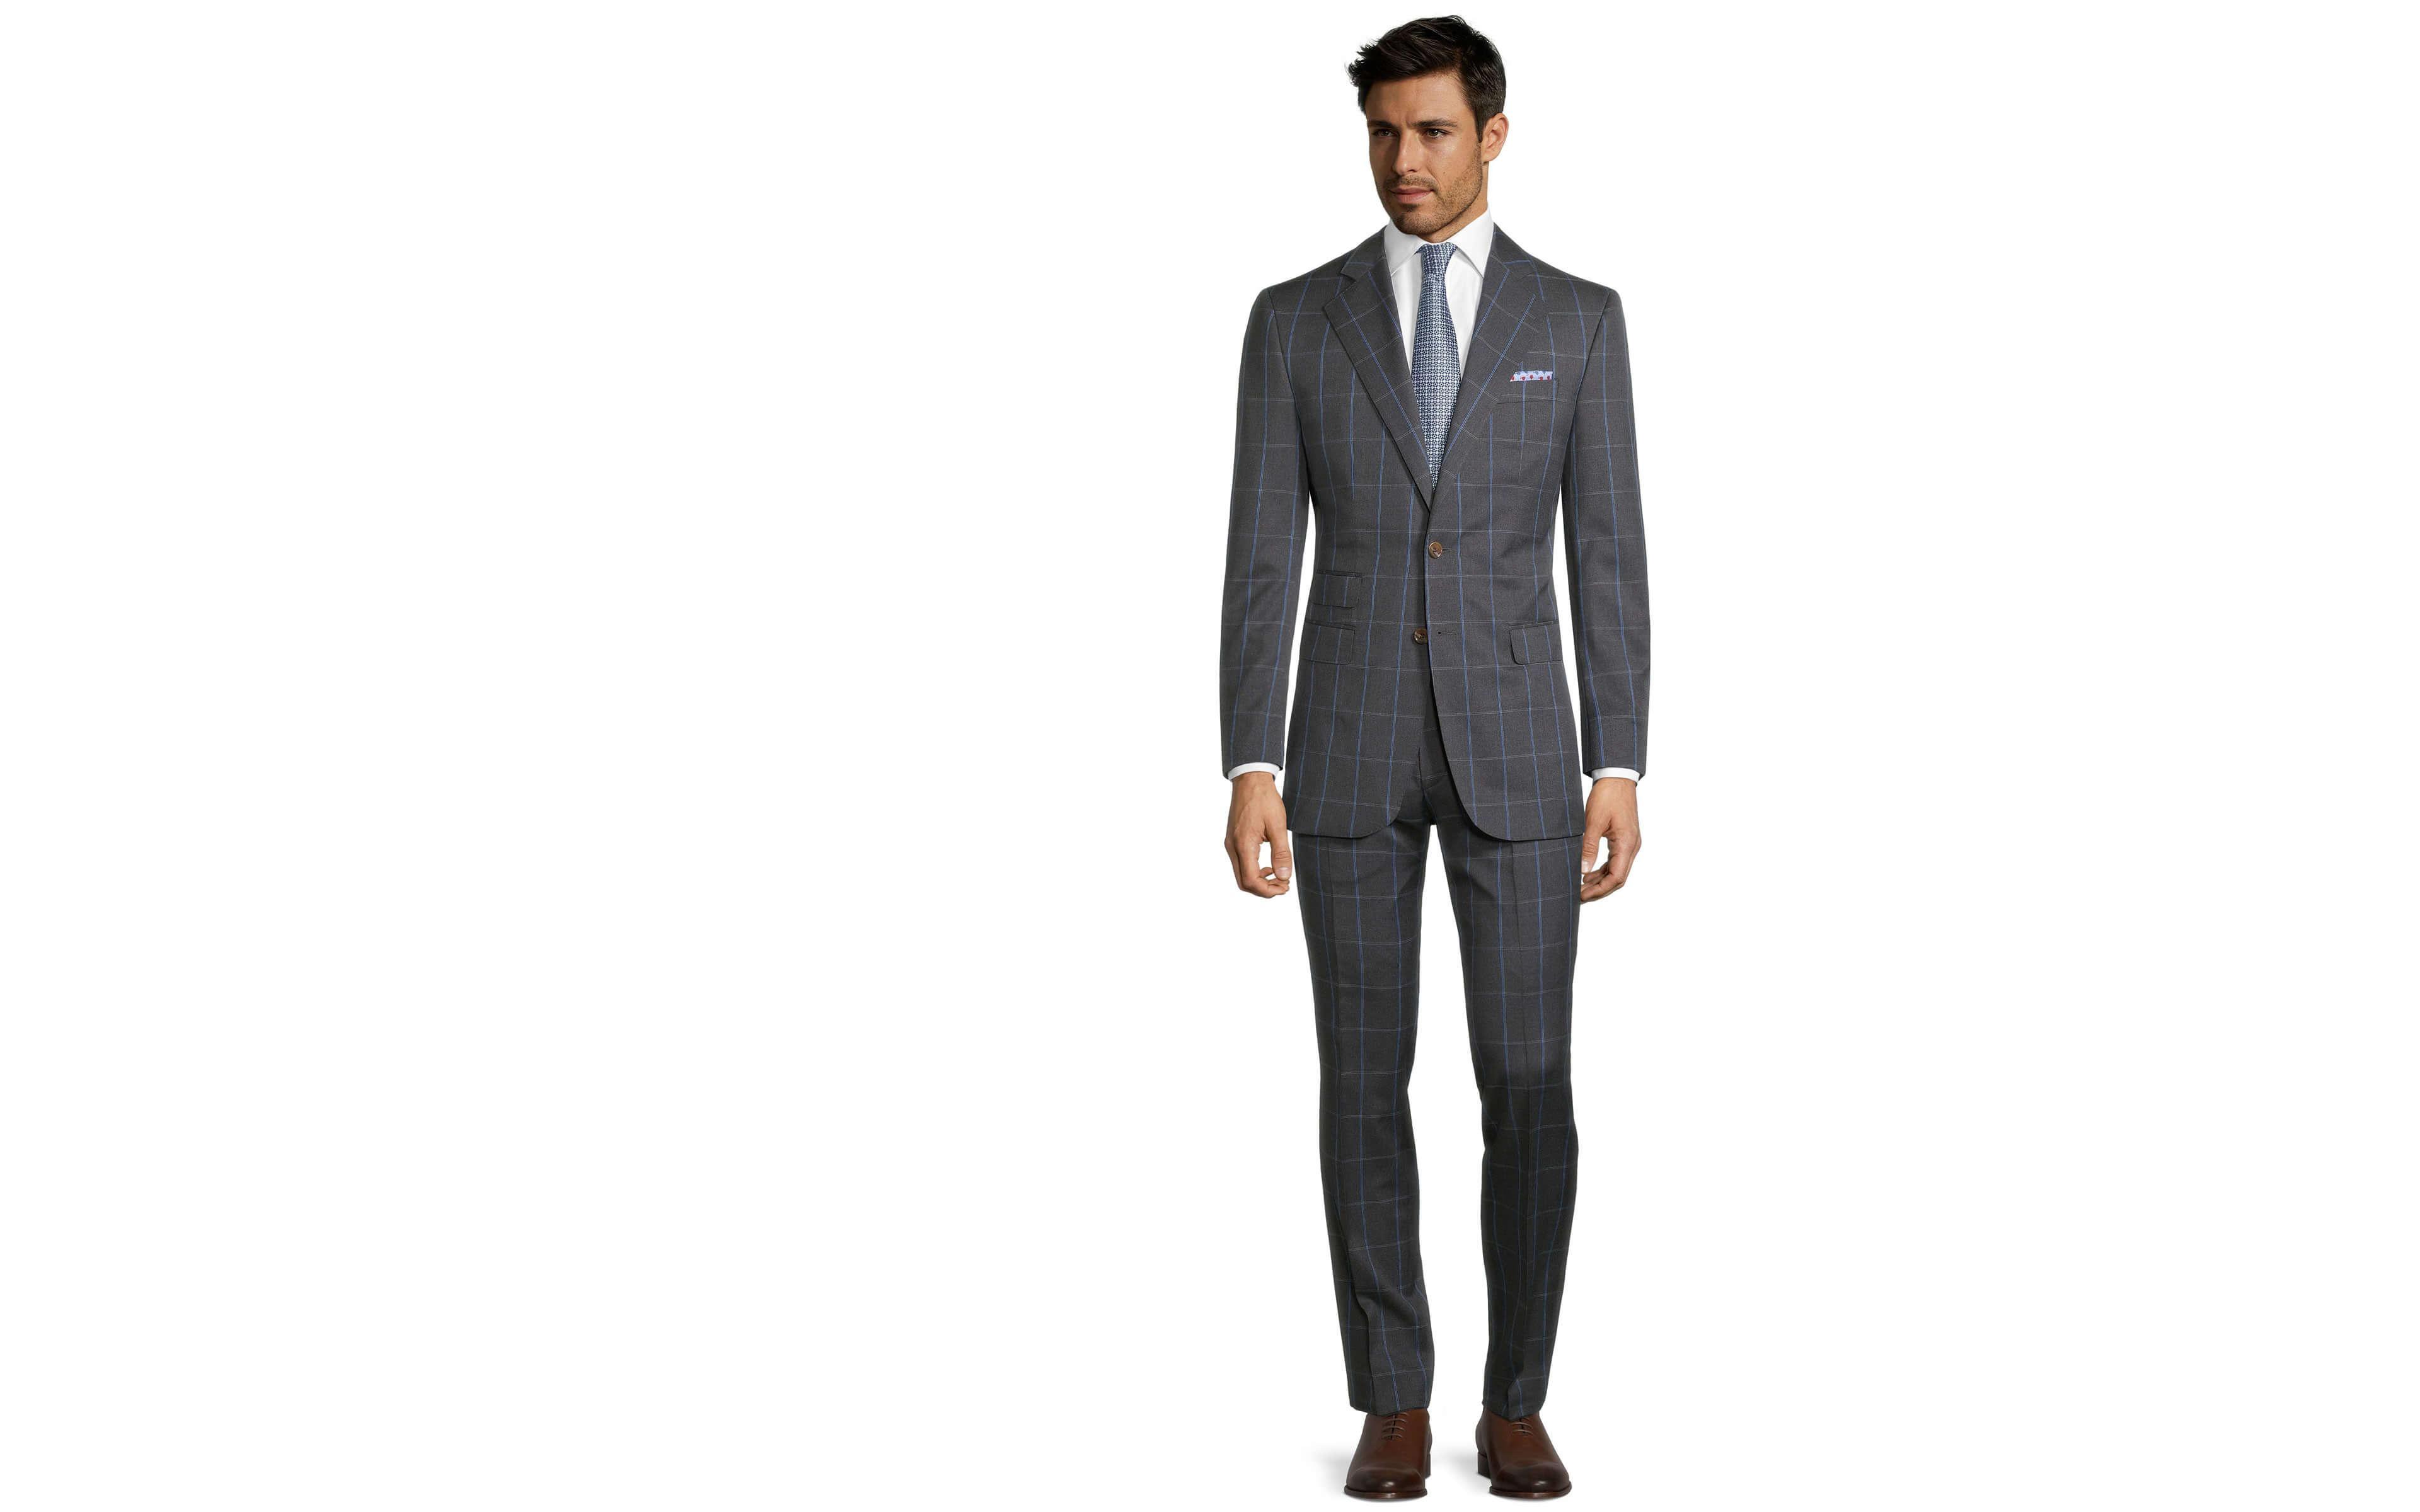 Blue Check Charcoal Suit